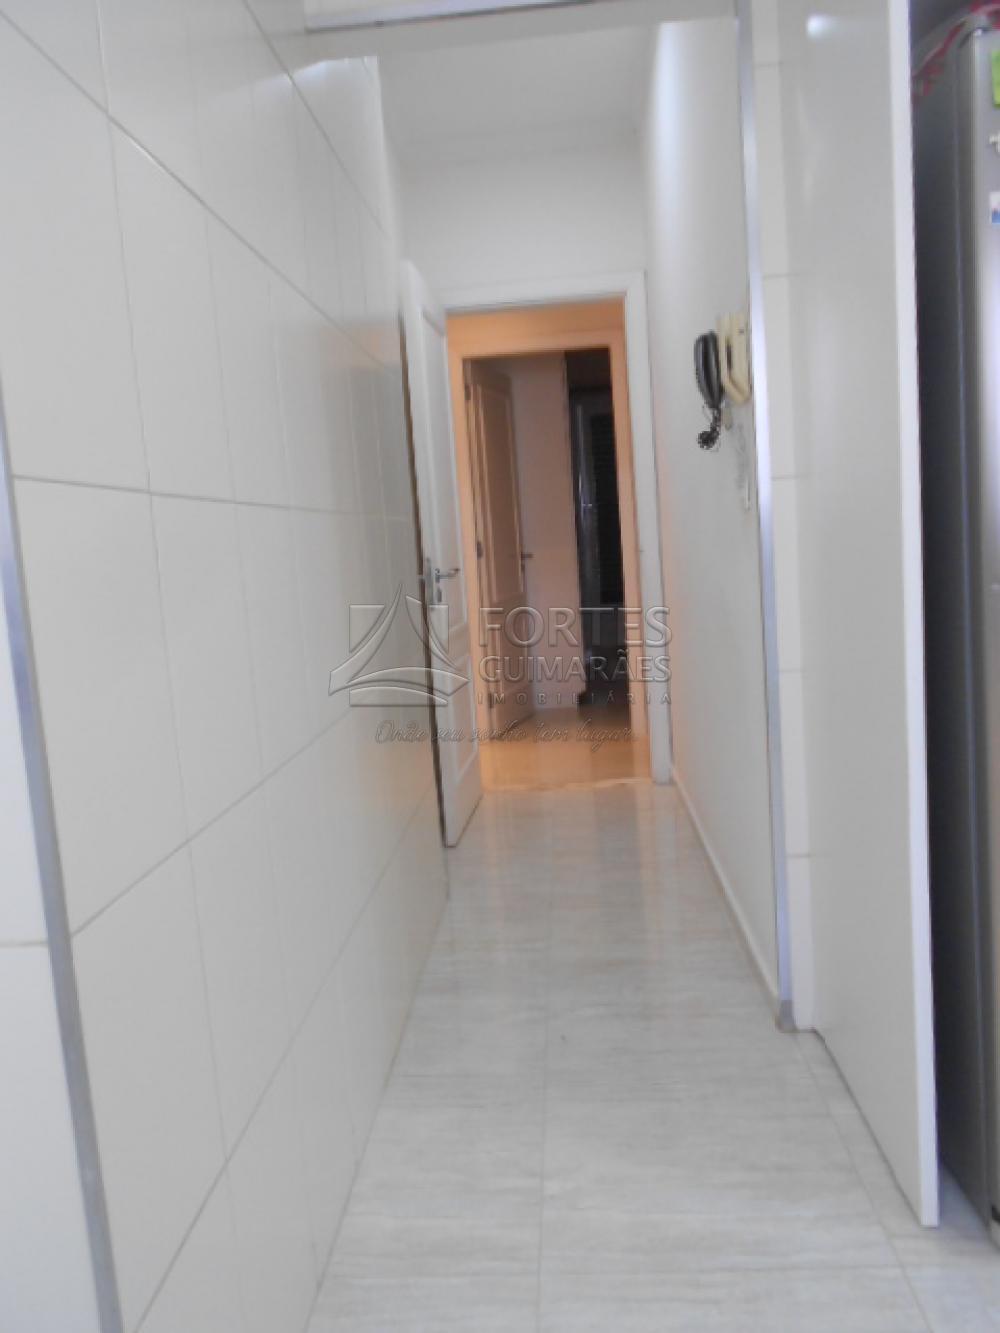 Alugar Apartamentos / Padrão em Ribeirão Preto apenas R$ 5.000,00 - Foto 53